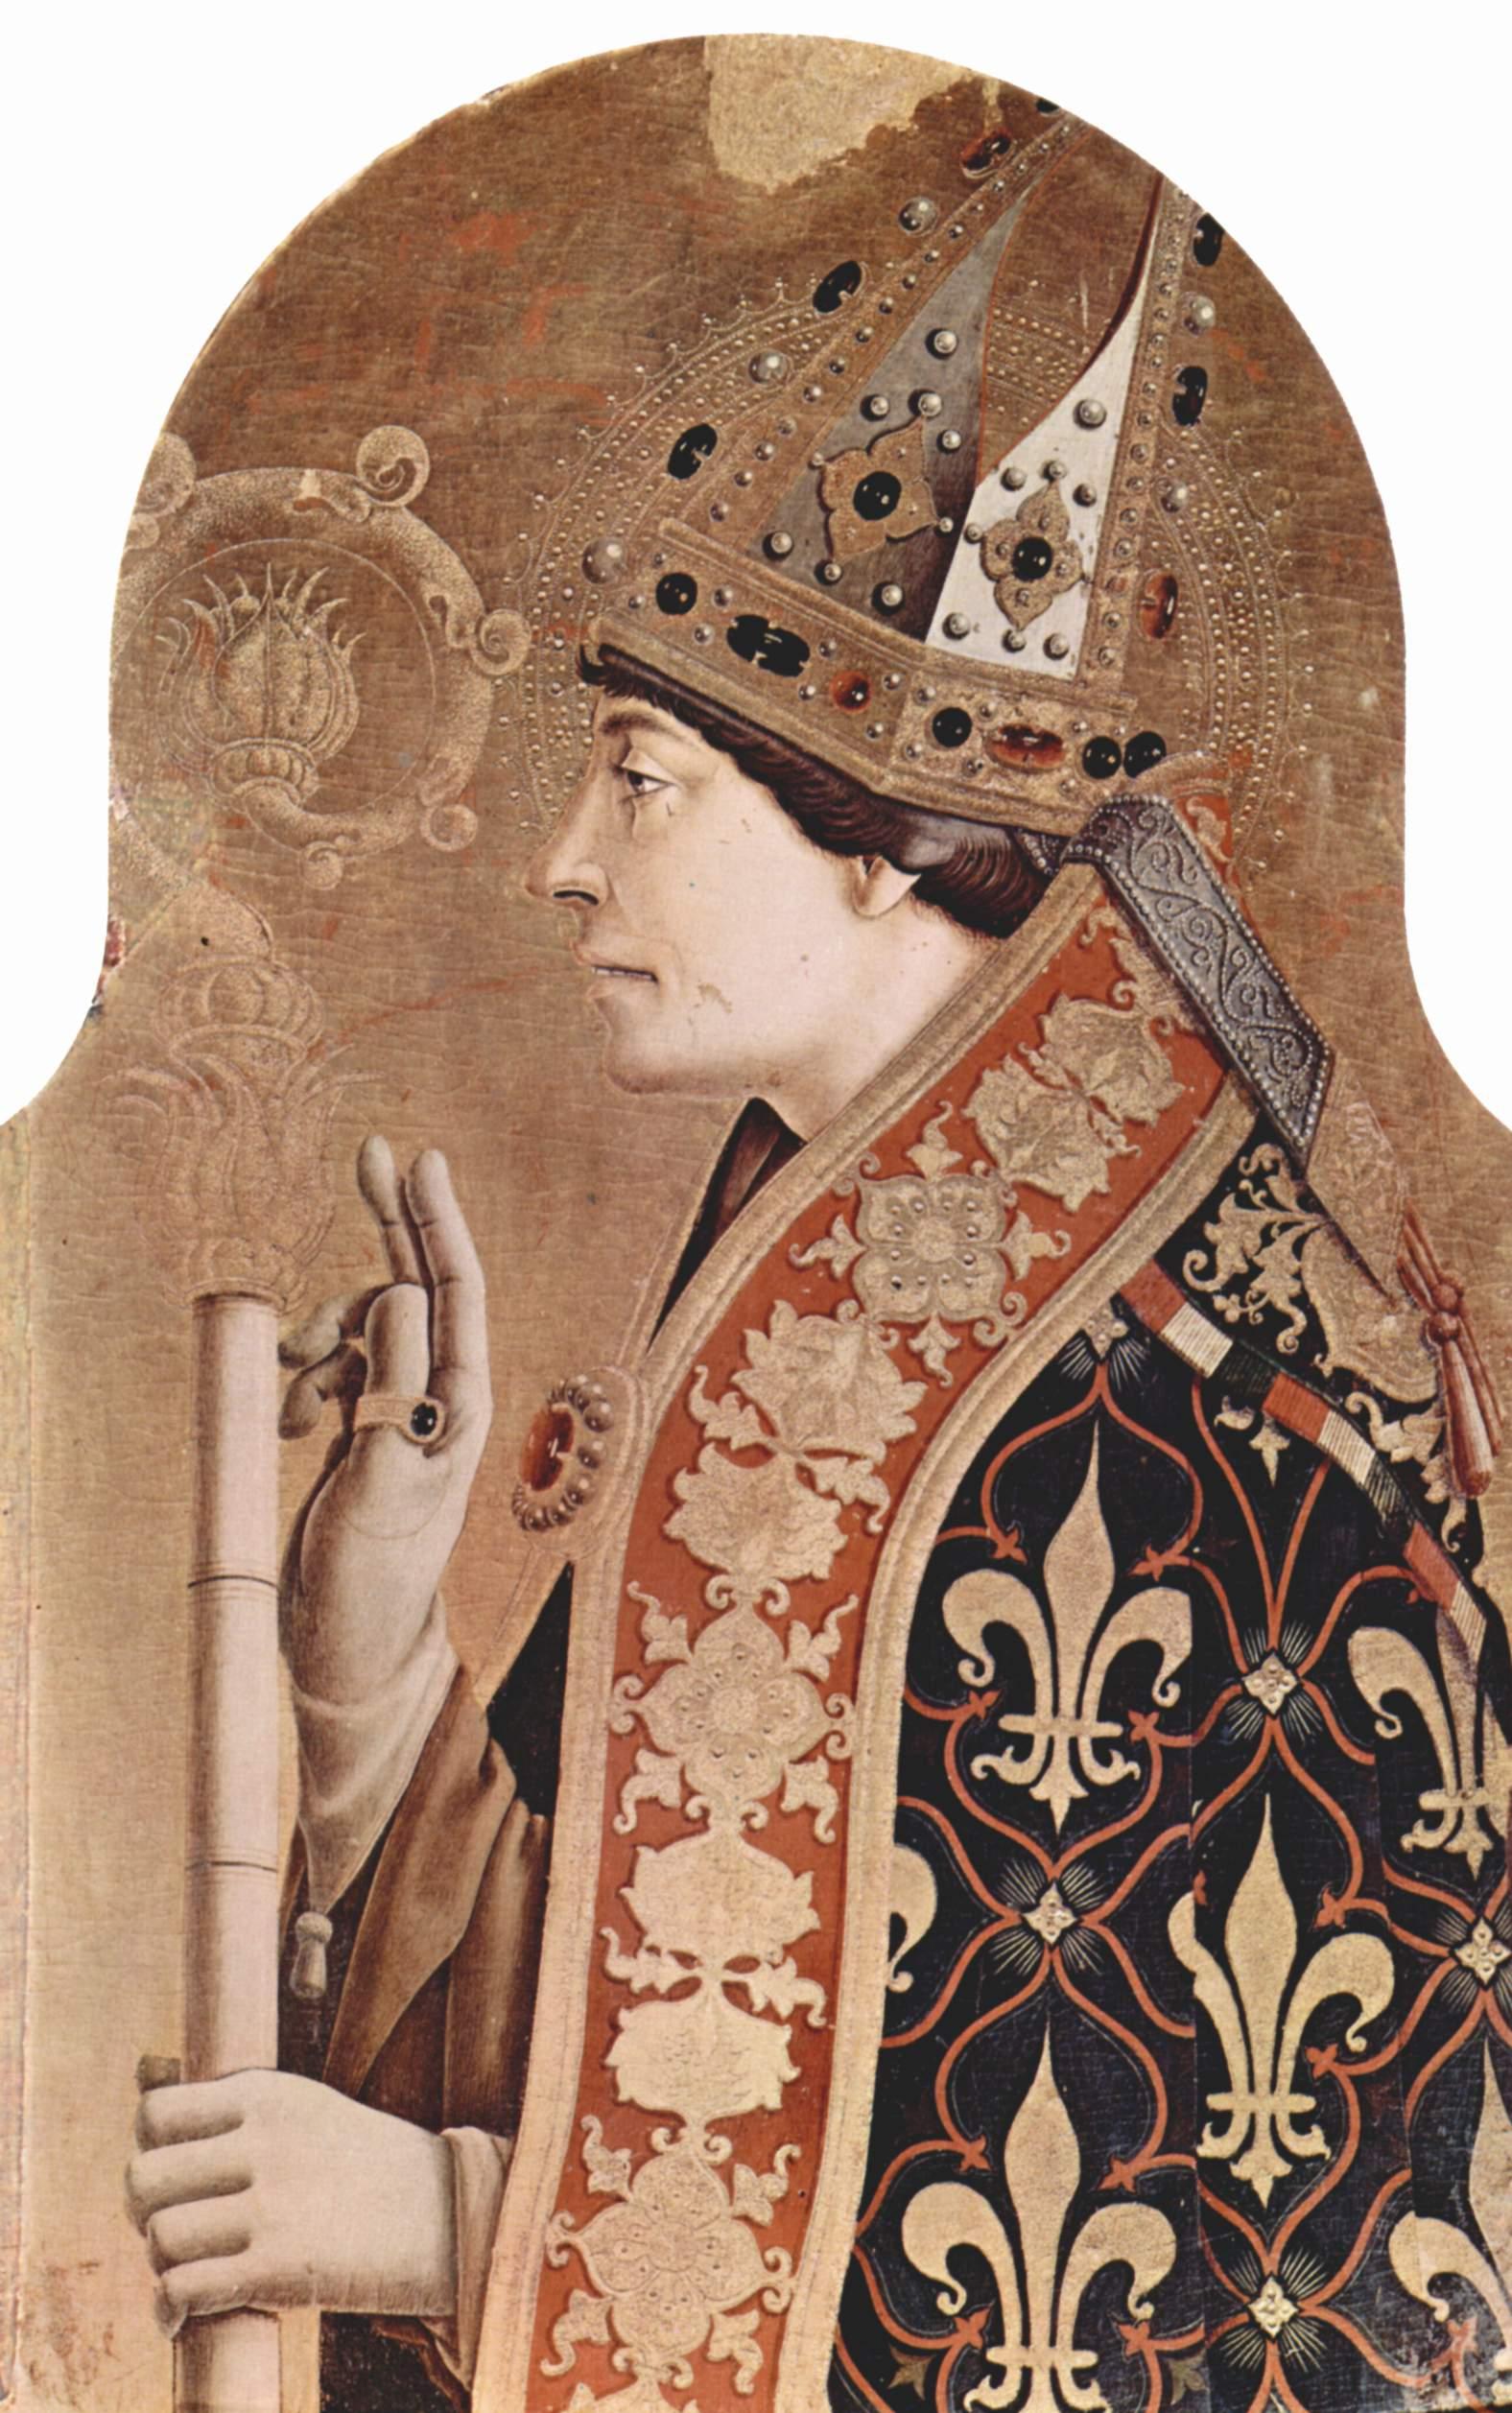 Алтарный полиптих церкви Сан Франческо в Монтефиоре дель Азо, правое внешнее навершие  св. Людовик, Карло Кривелли